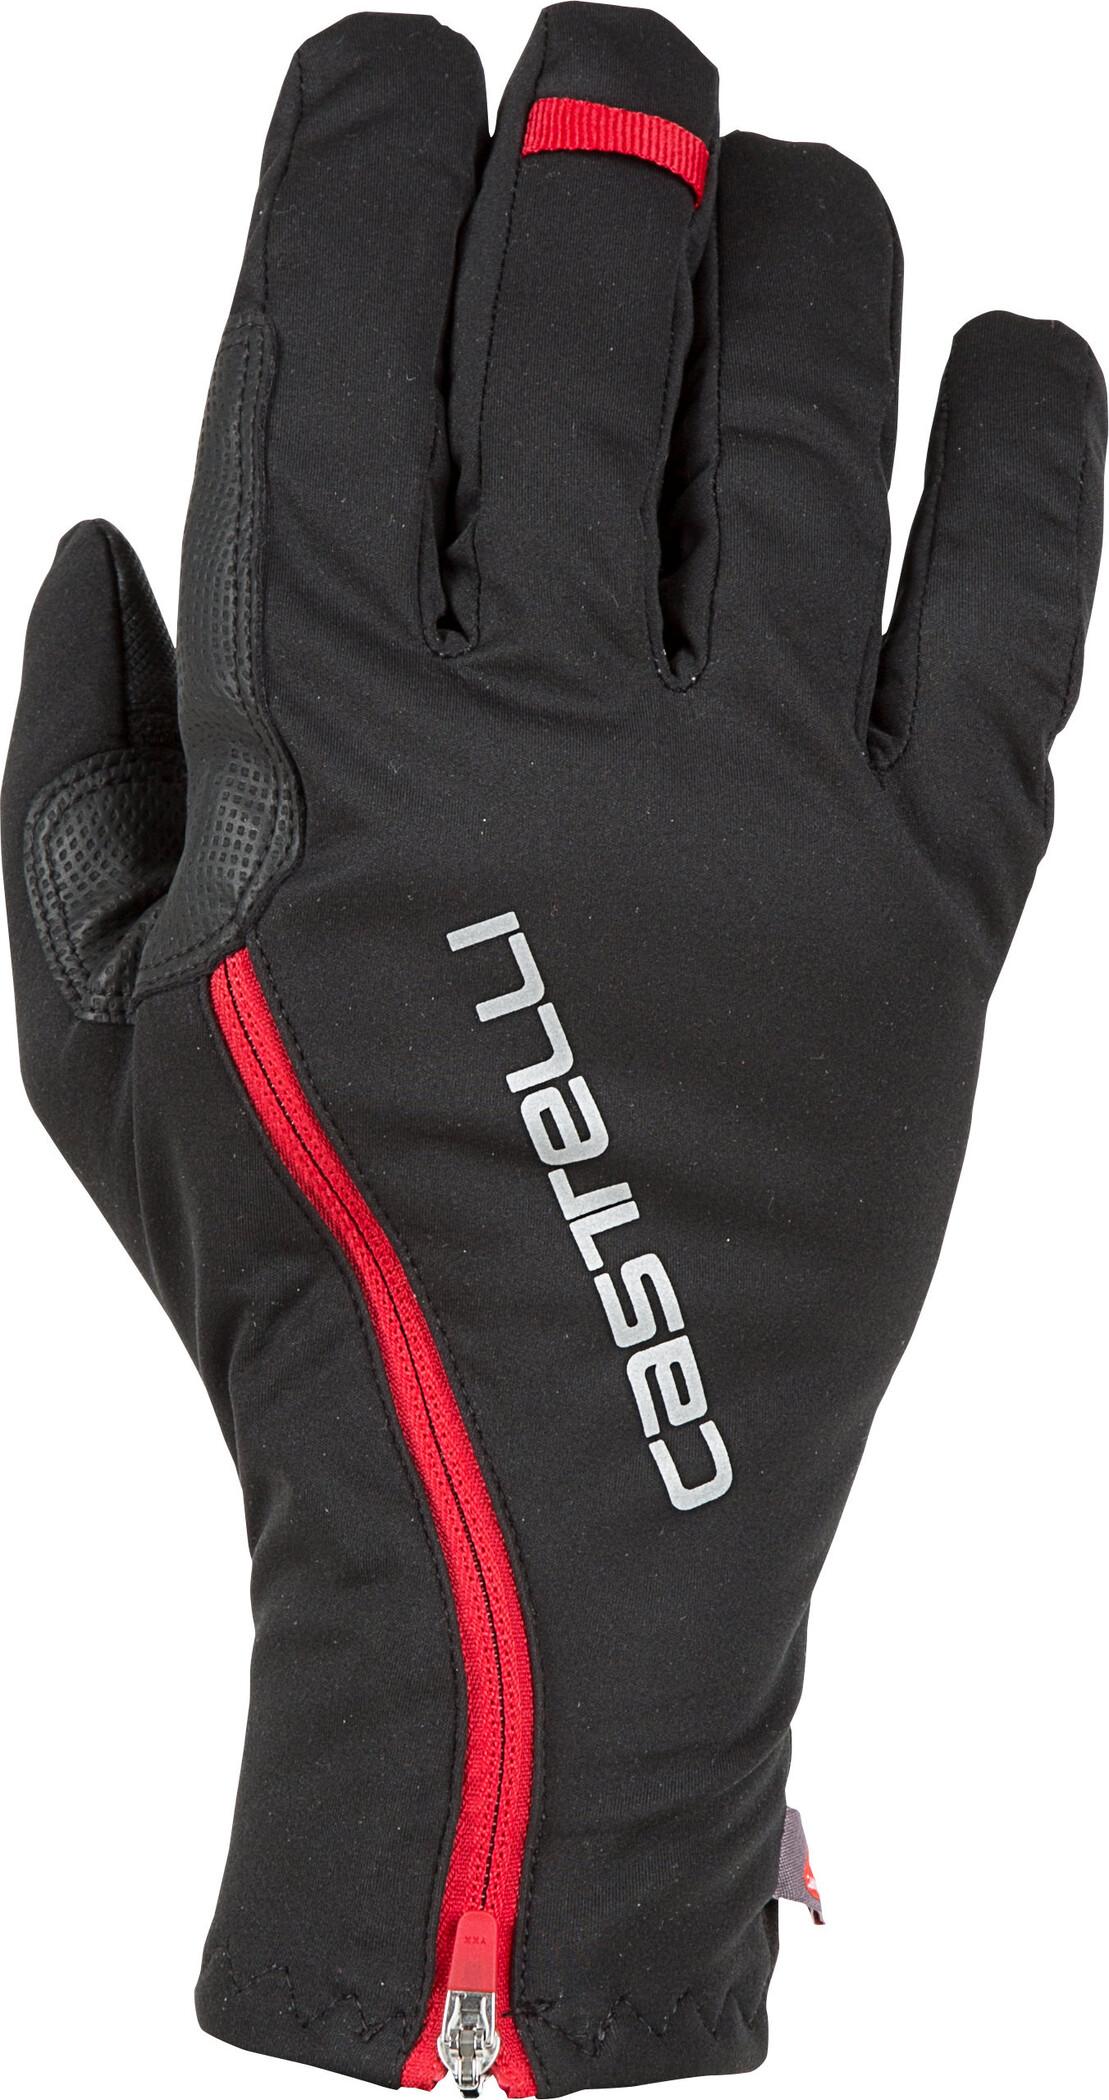 CASTELLI SPETTACOLO RoS HANDSKER BLACK/RED | Handsker